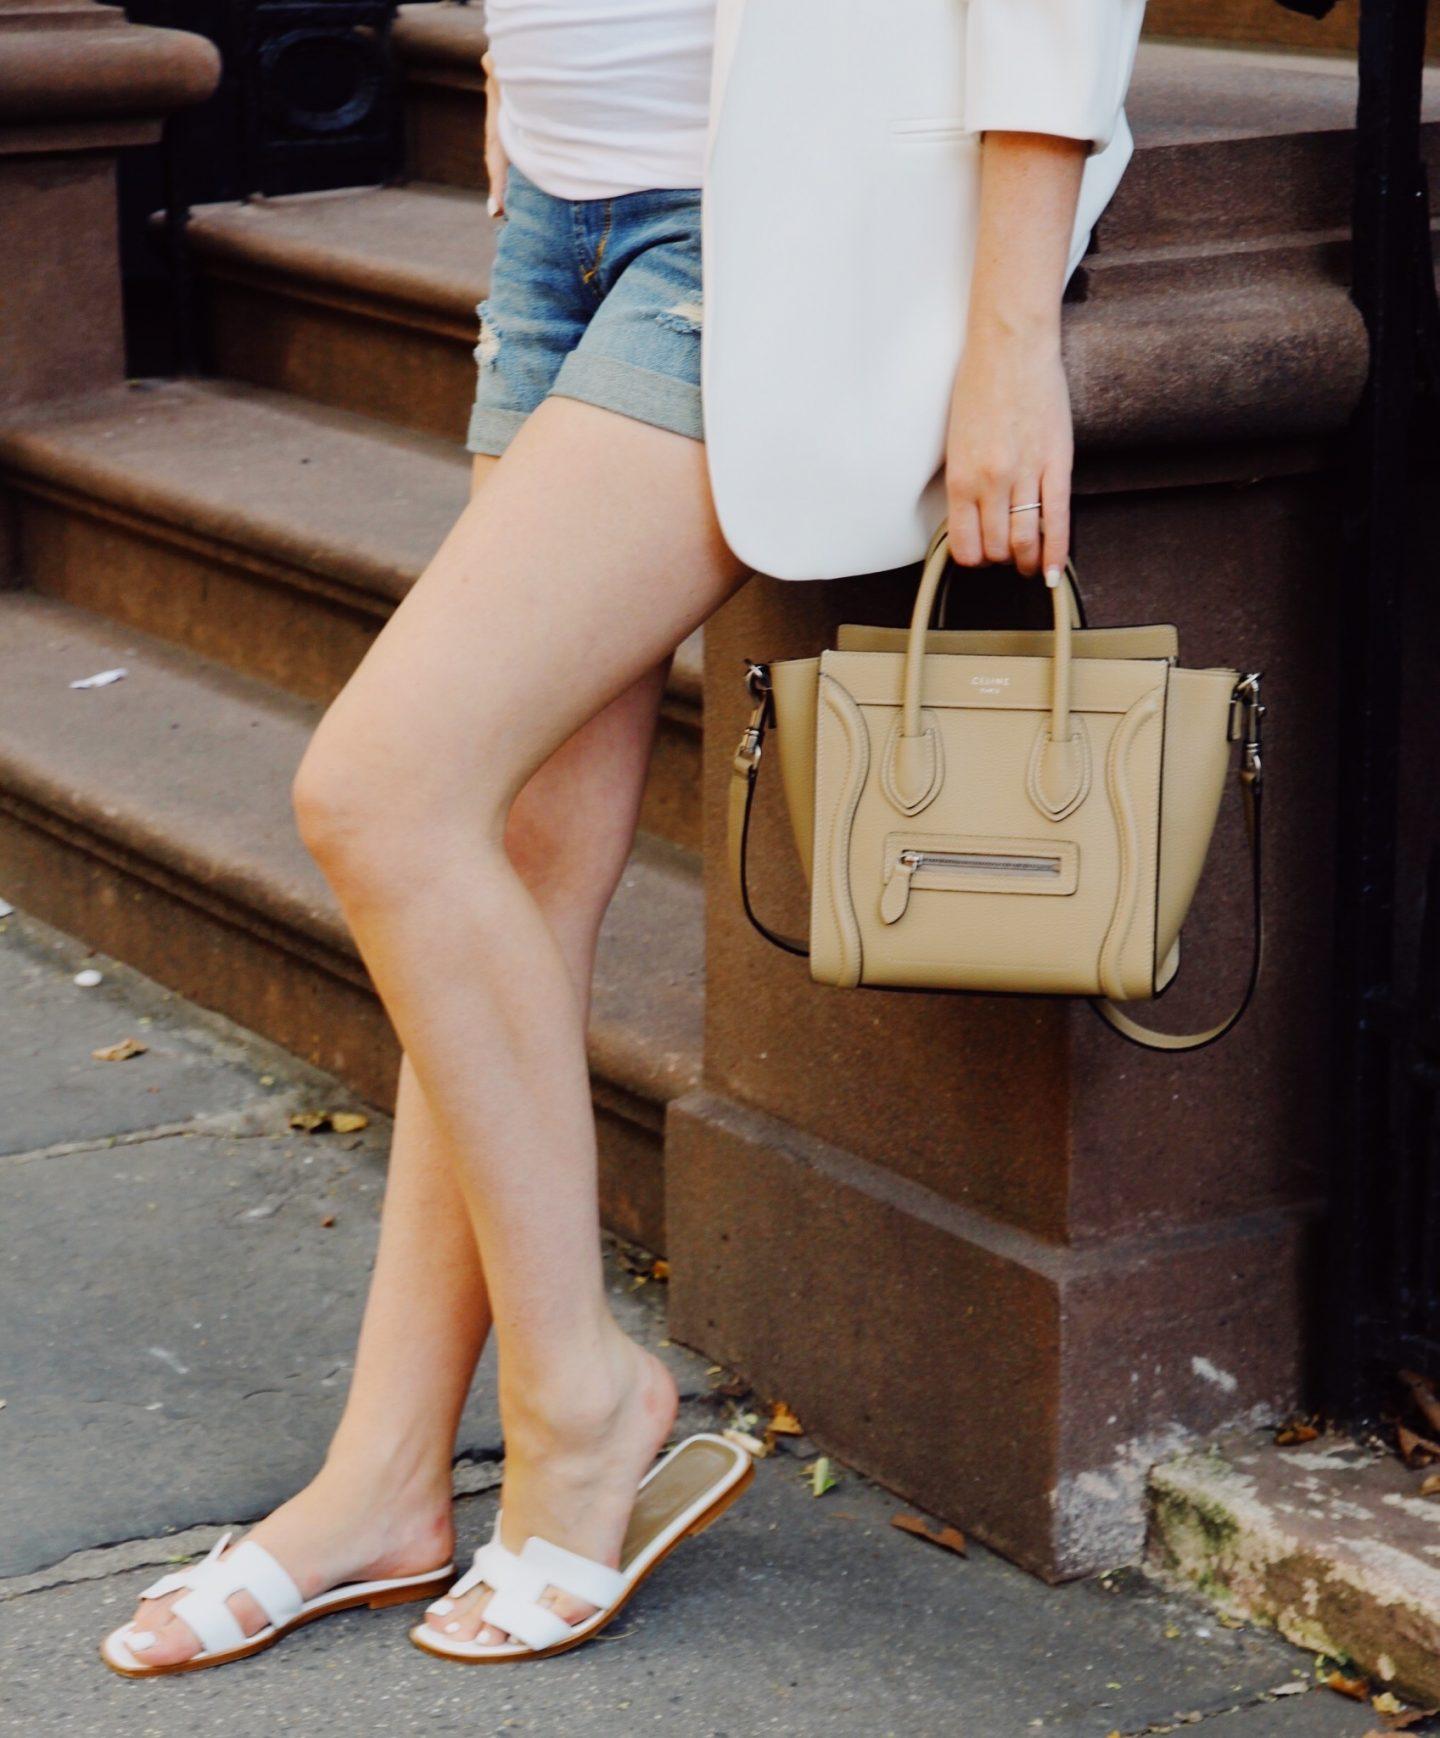 celine nano bag and hermes oran sandals